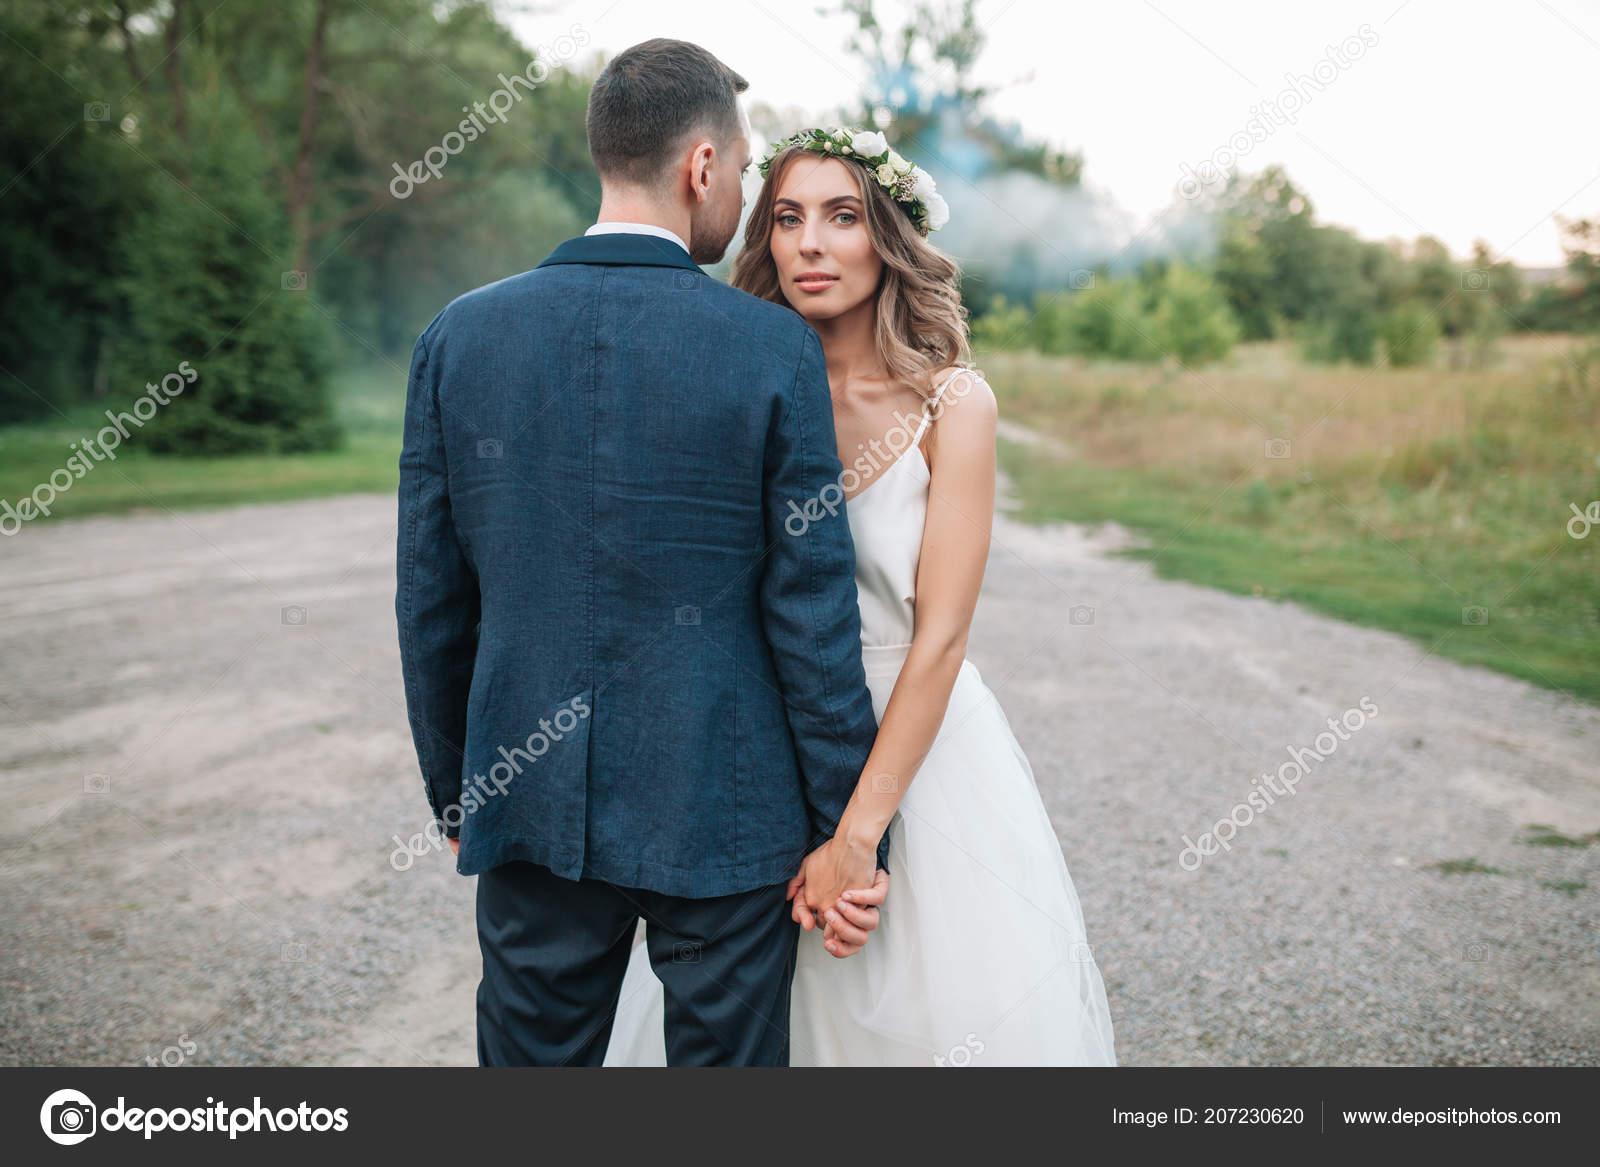 manželství není datování online hodinky